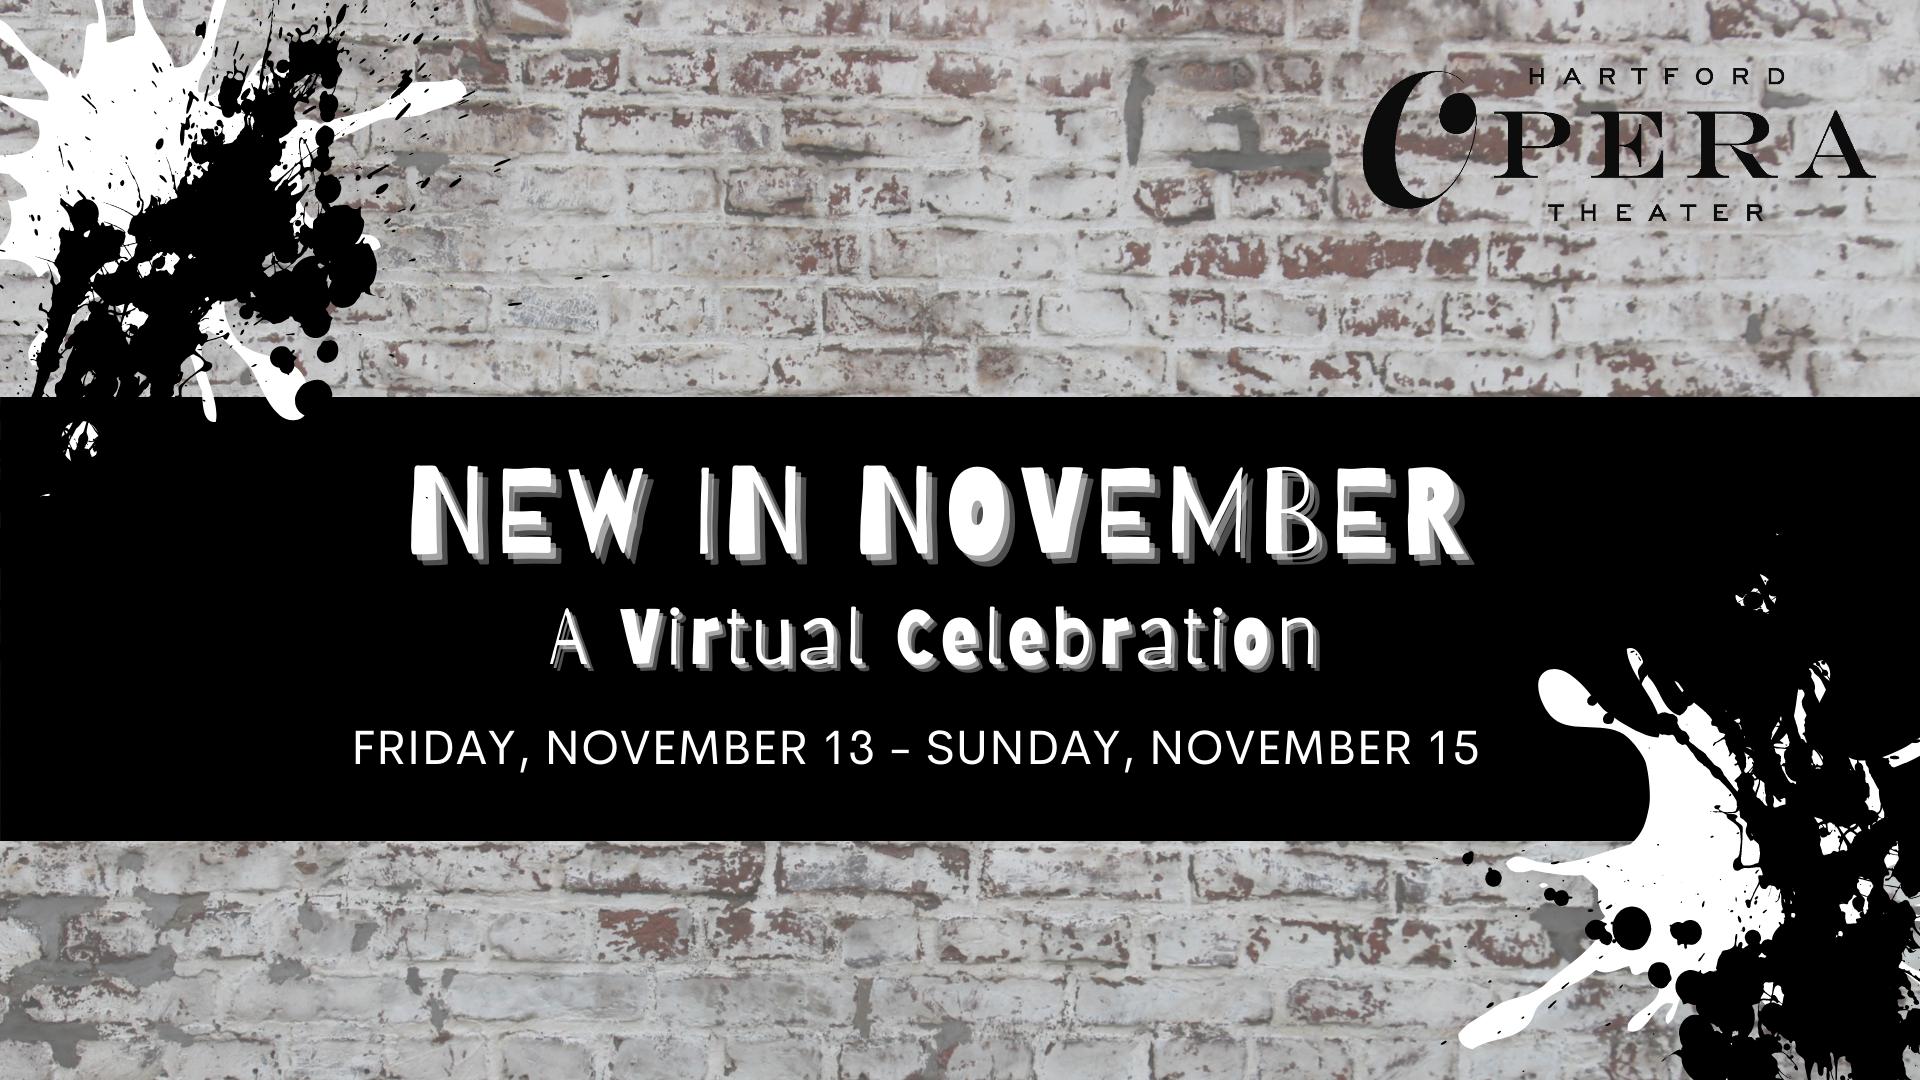 NIN Celebration Facebook Event Cover